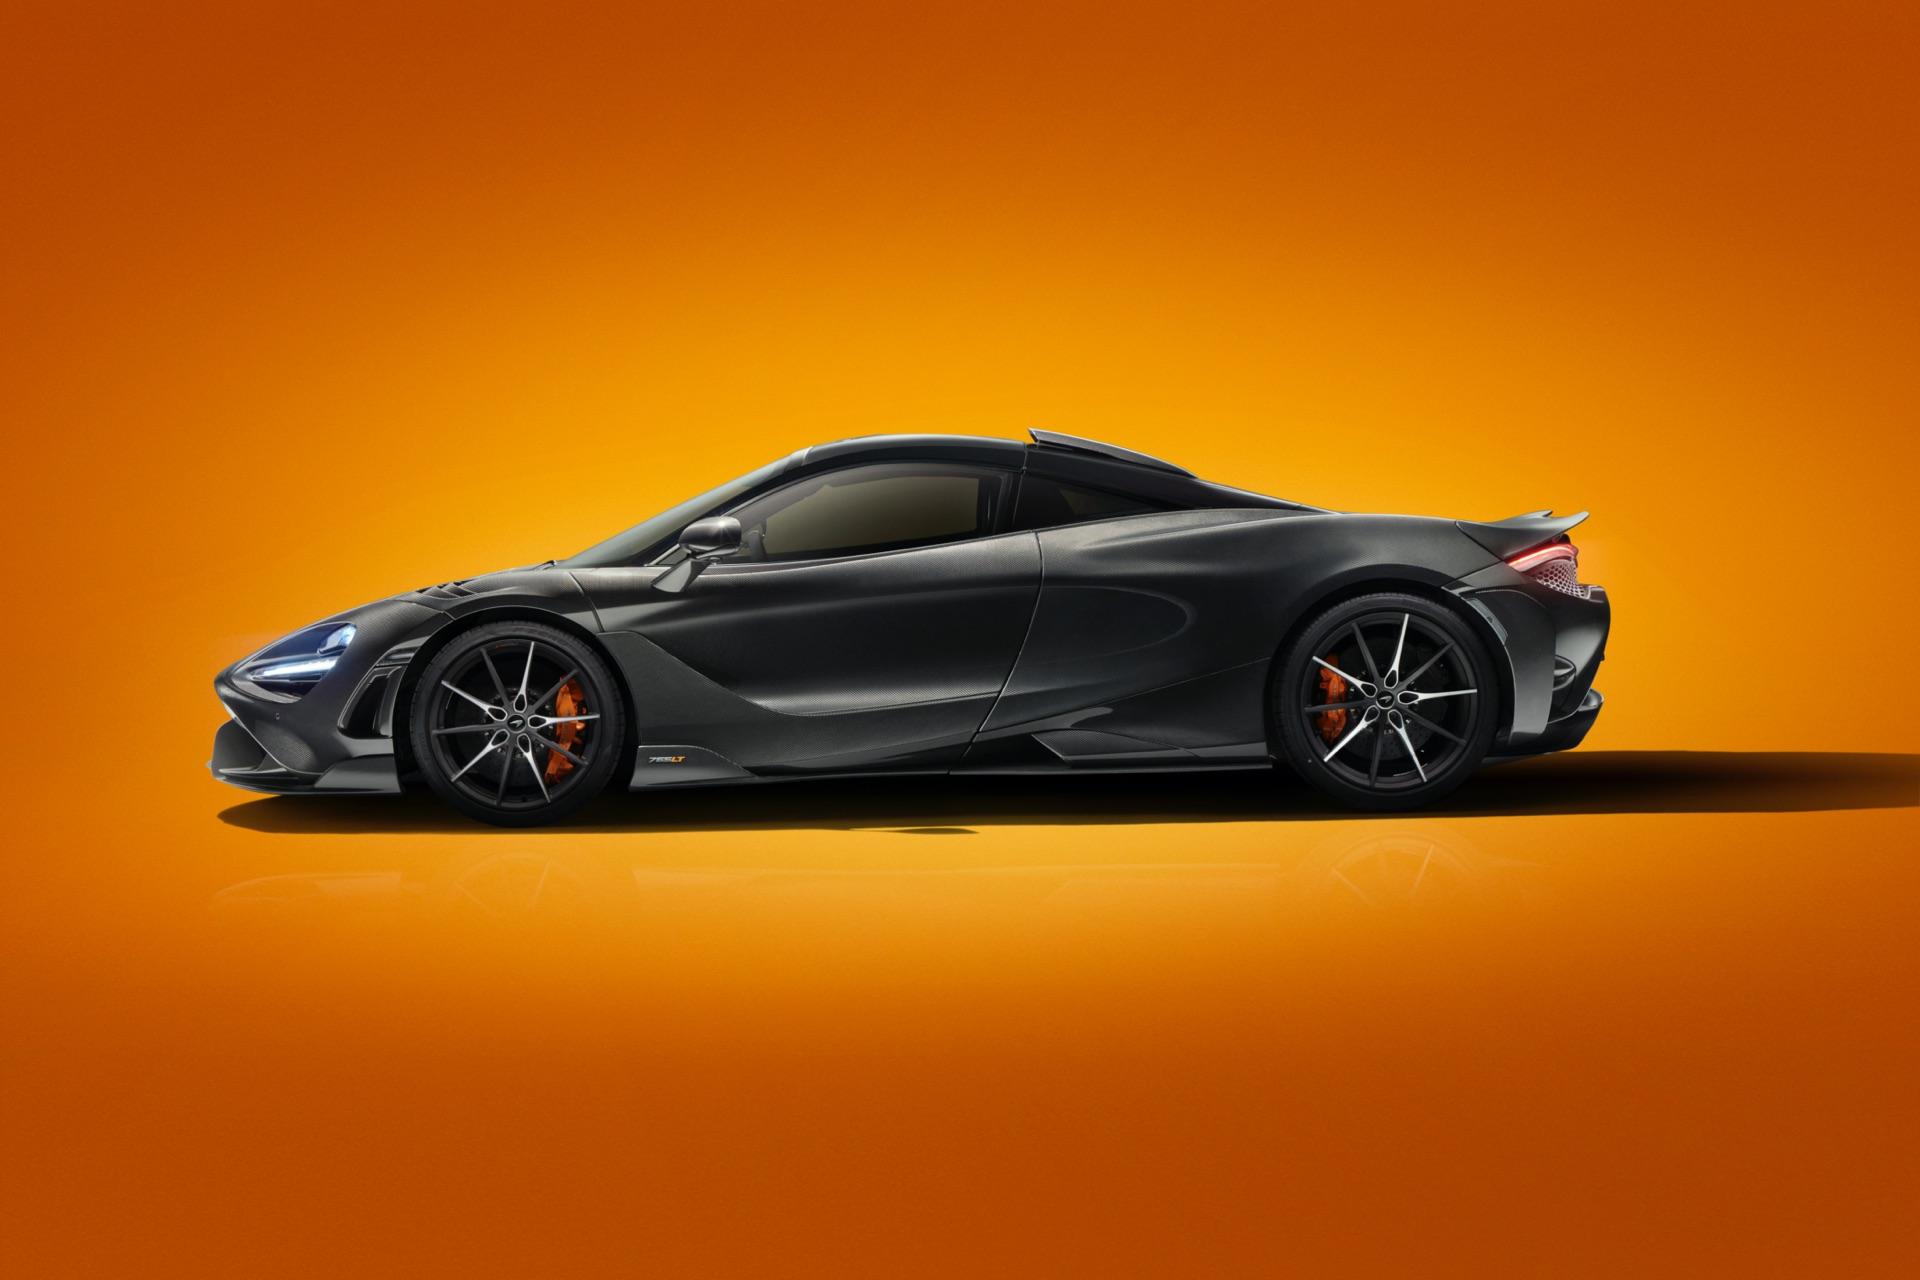 MSO McLaren 765LT Carbon Side